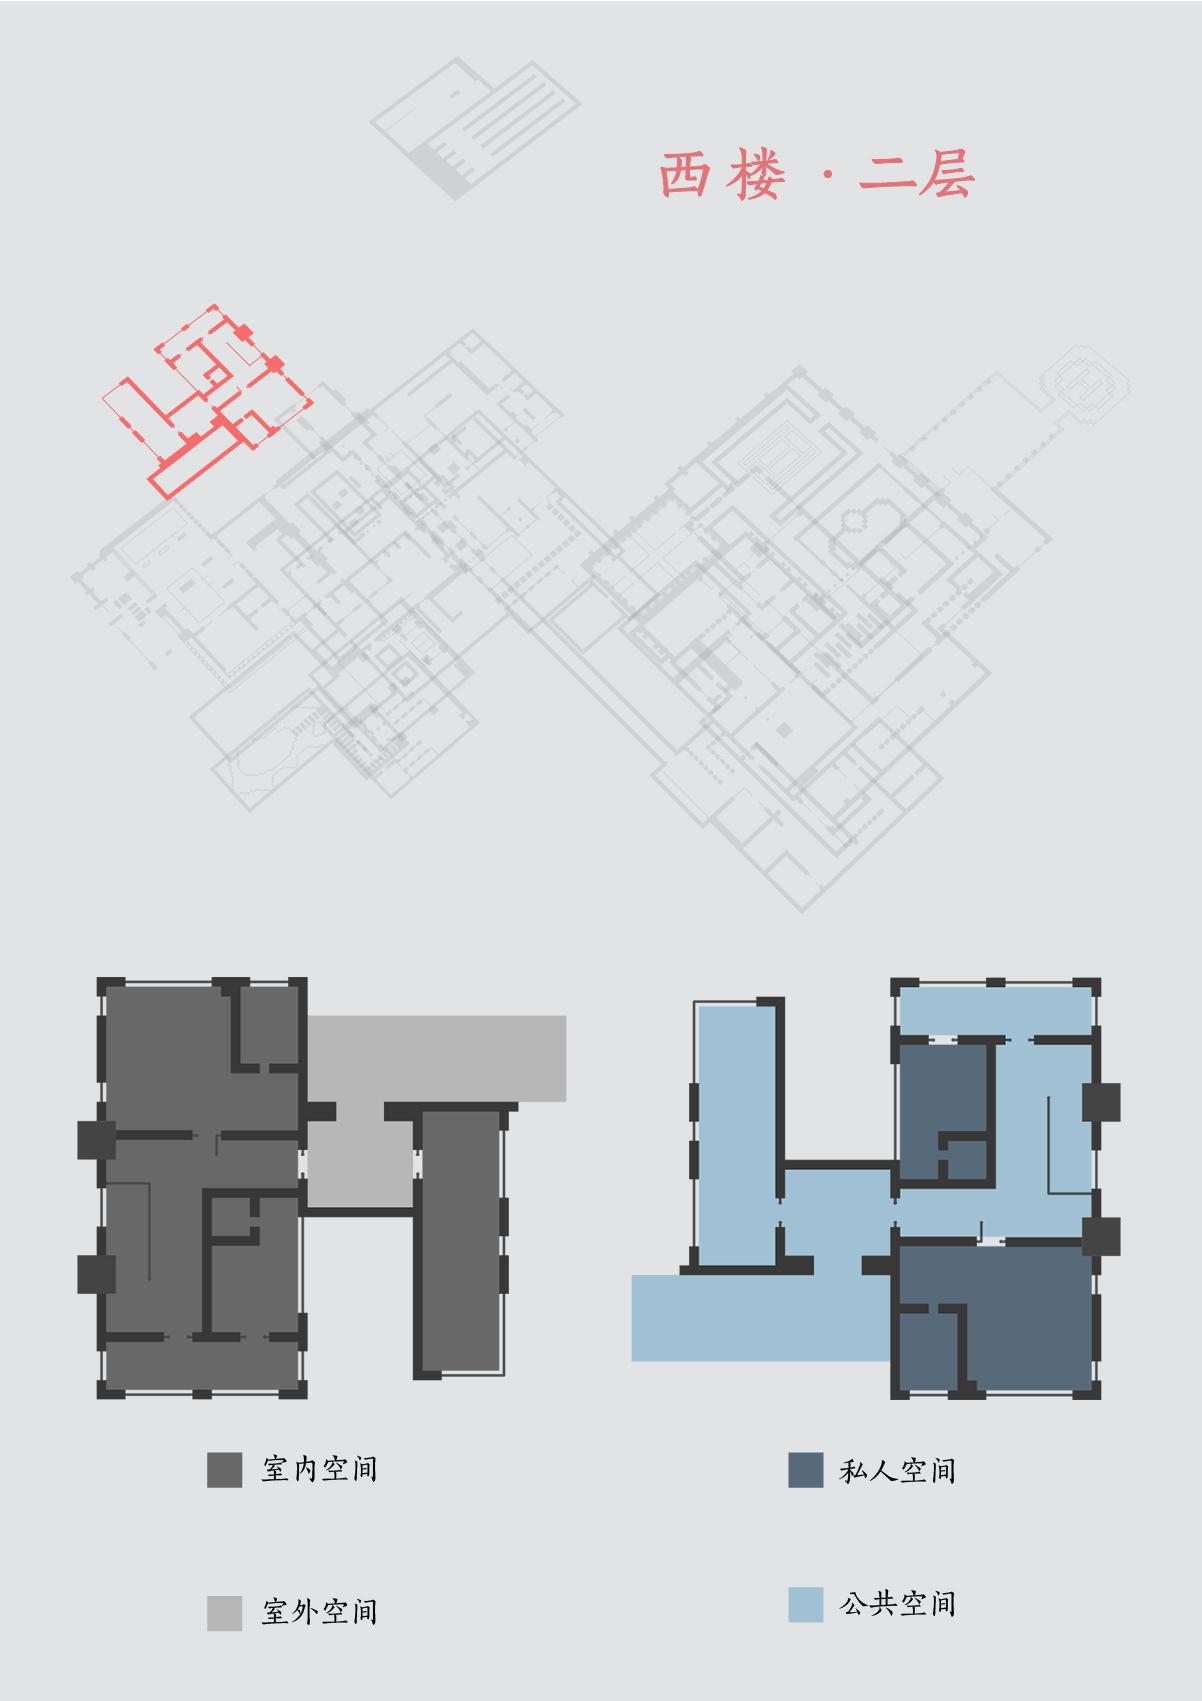 【我的户型现代建筑群】海岛v户型世界--源梦岛泰图别墅别墅禾红树林图片